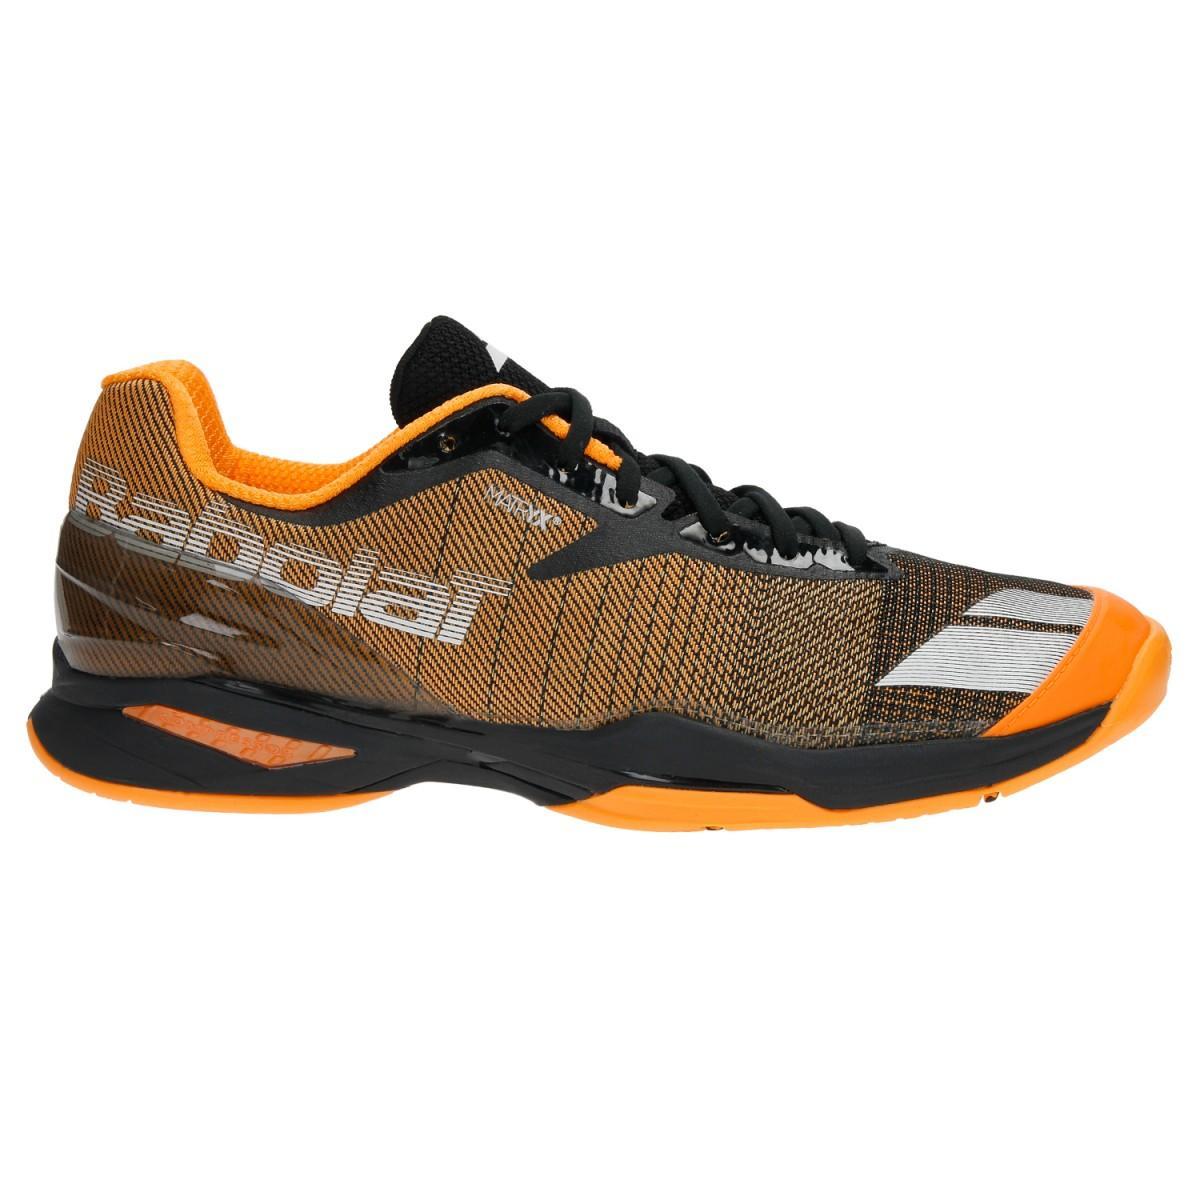 Теннисные кроссовки мужские Babolat Jet All Court orange